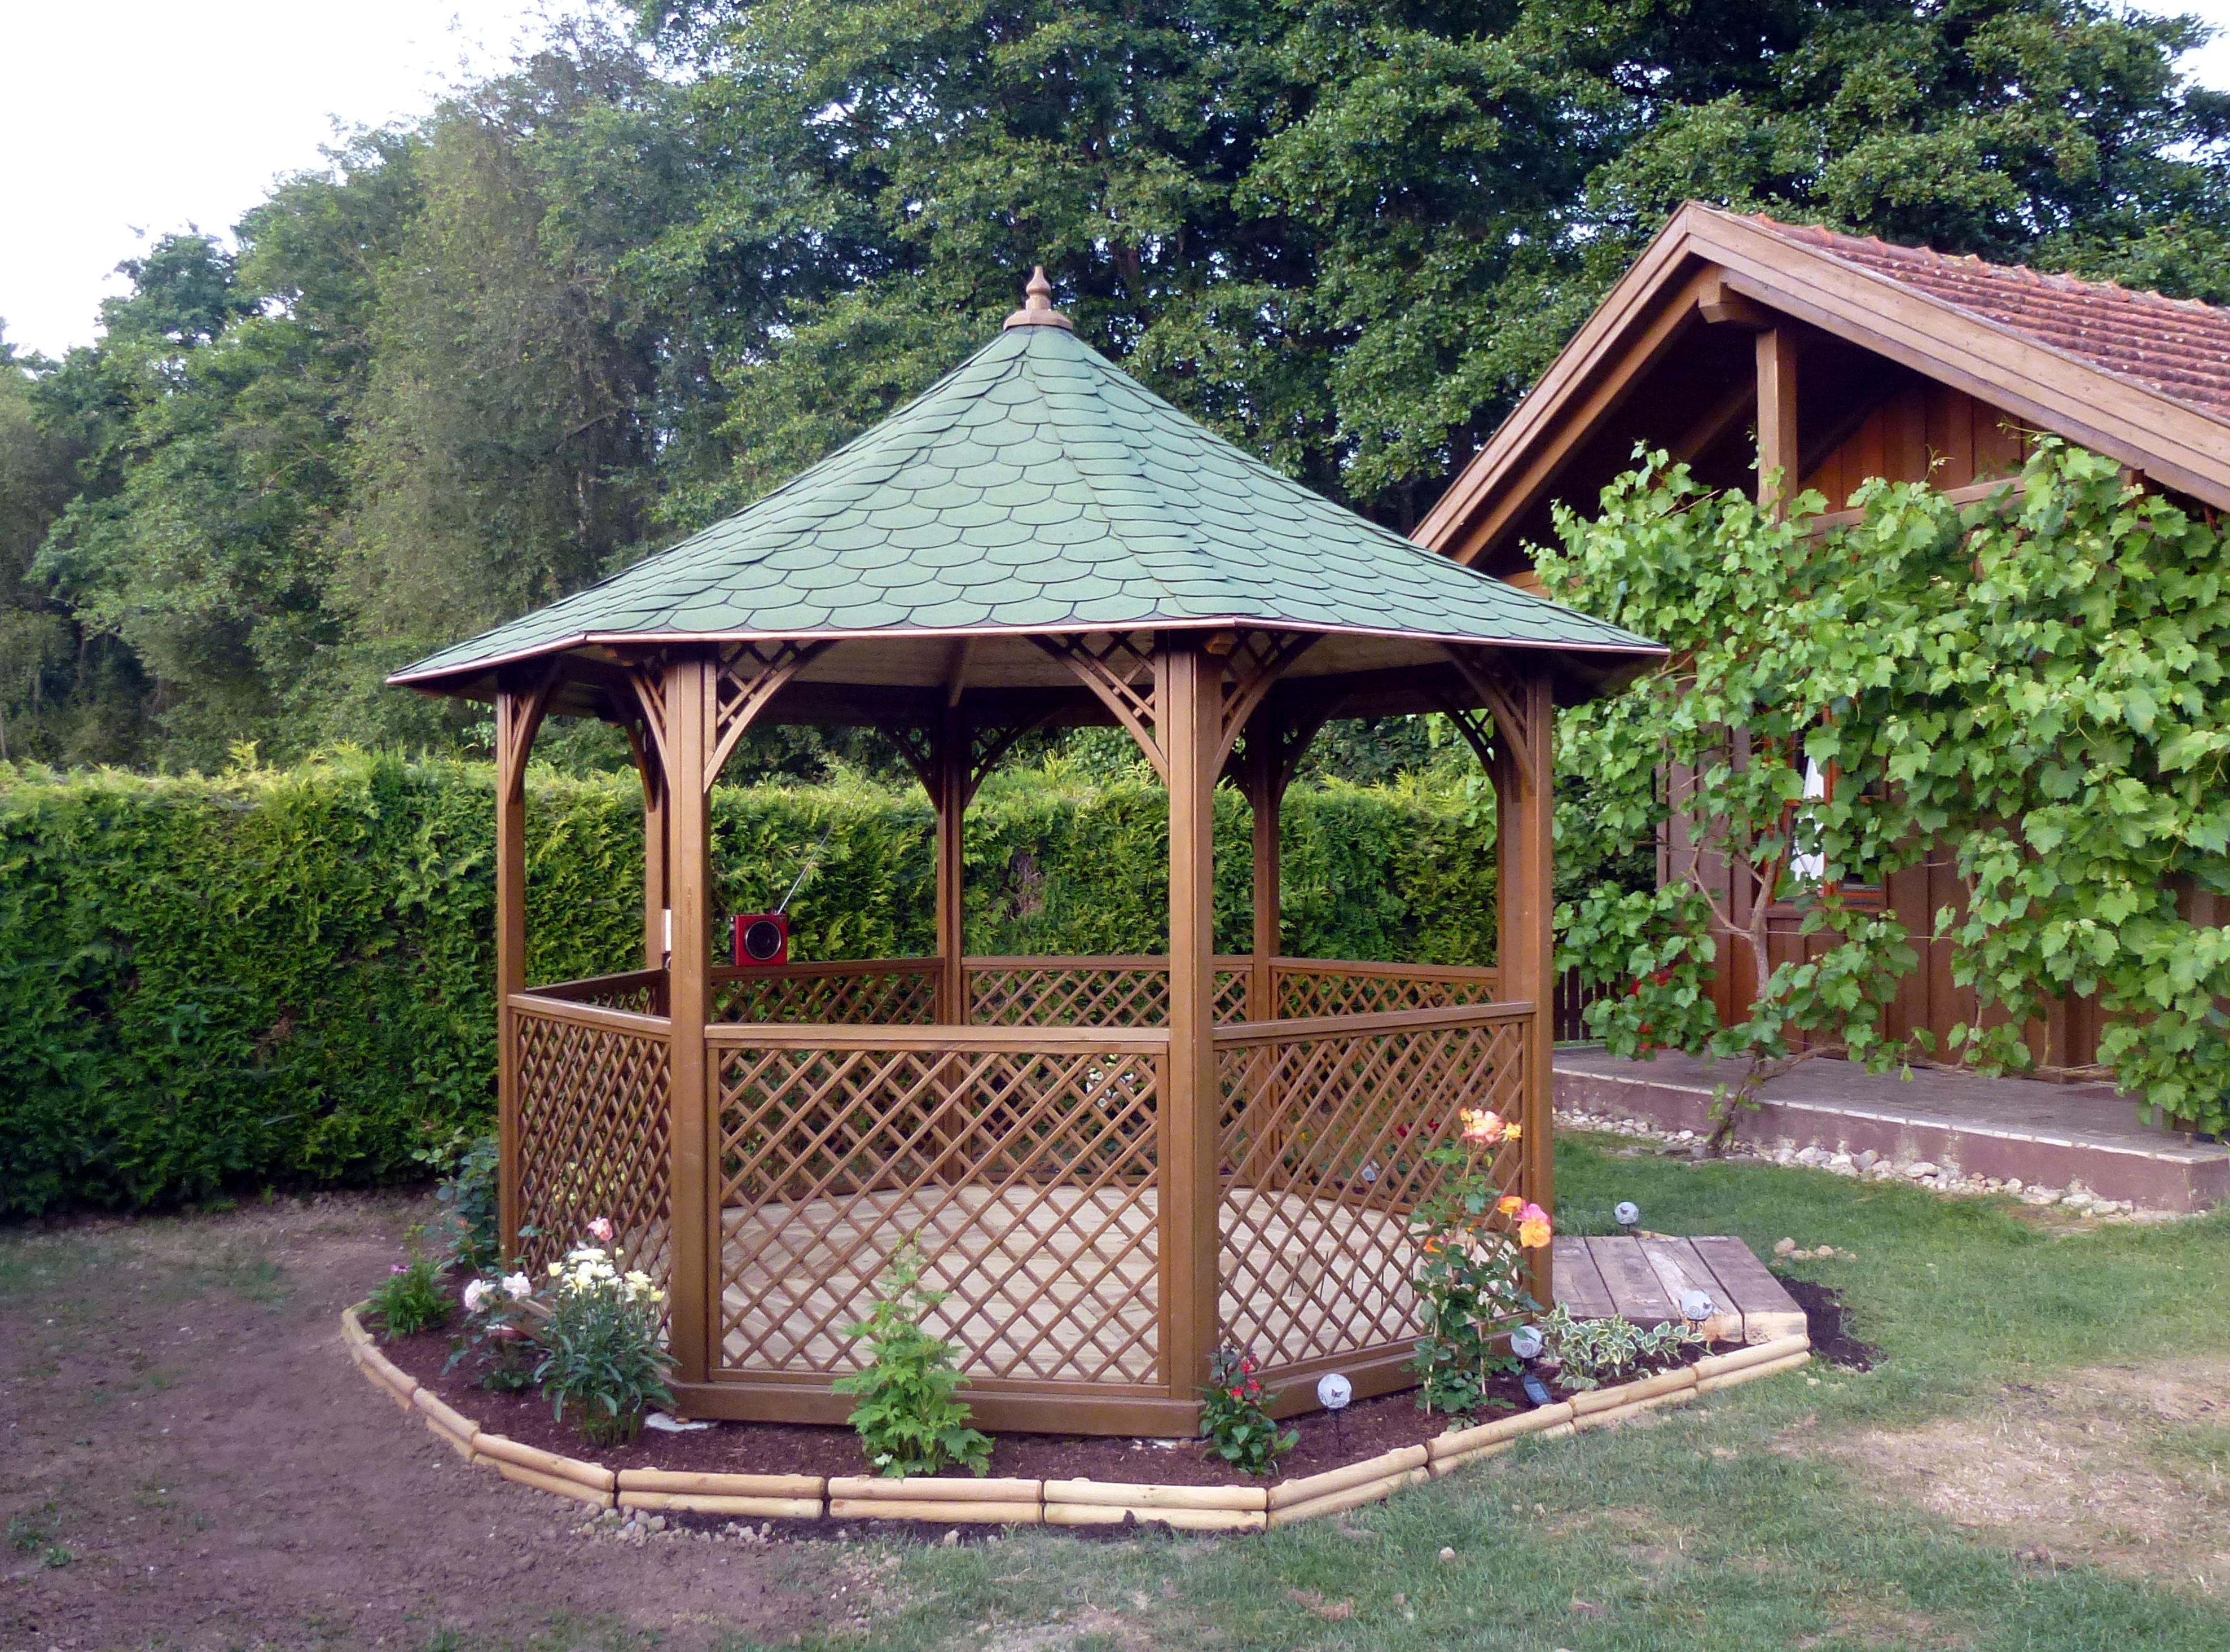 Cabane jardin ronde - Abri de jardin et balancoire idée